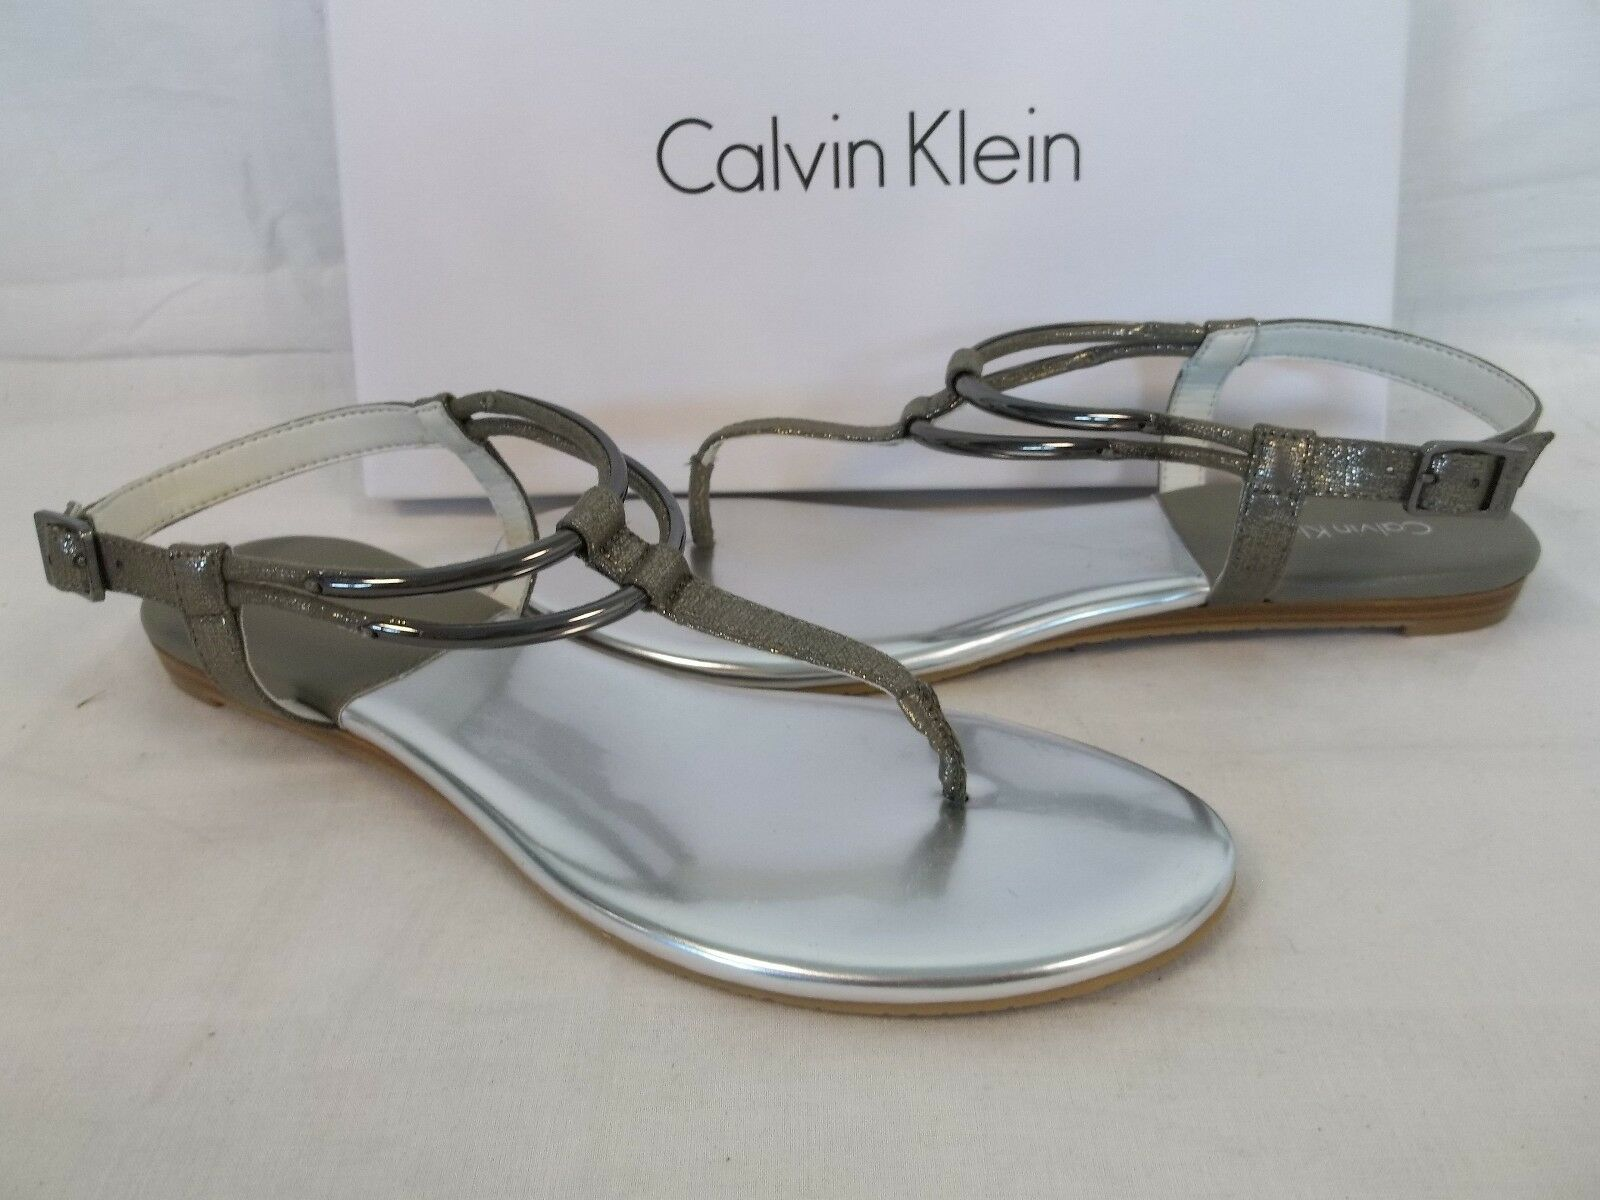 Calvin Klein Größe 8 SERENITY Olive Pewter Ankle Strap Sandales NEU Damenschuhe Schuhes